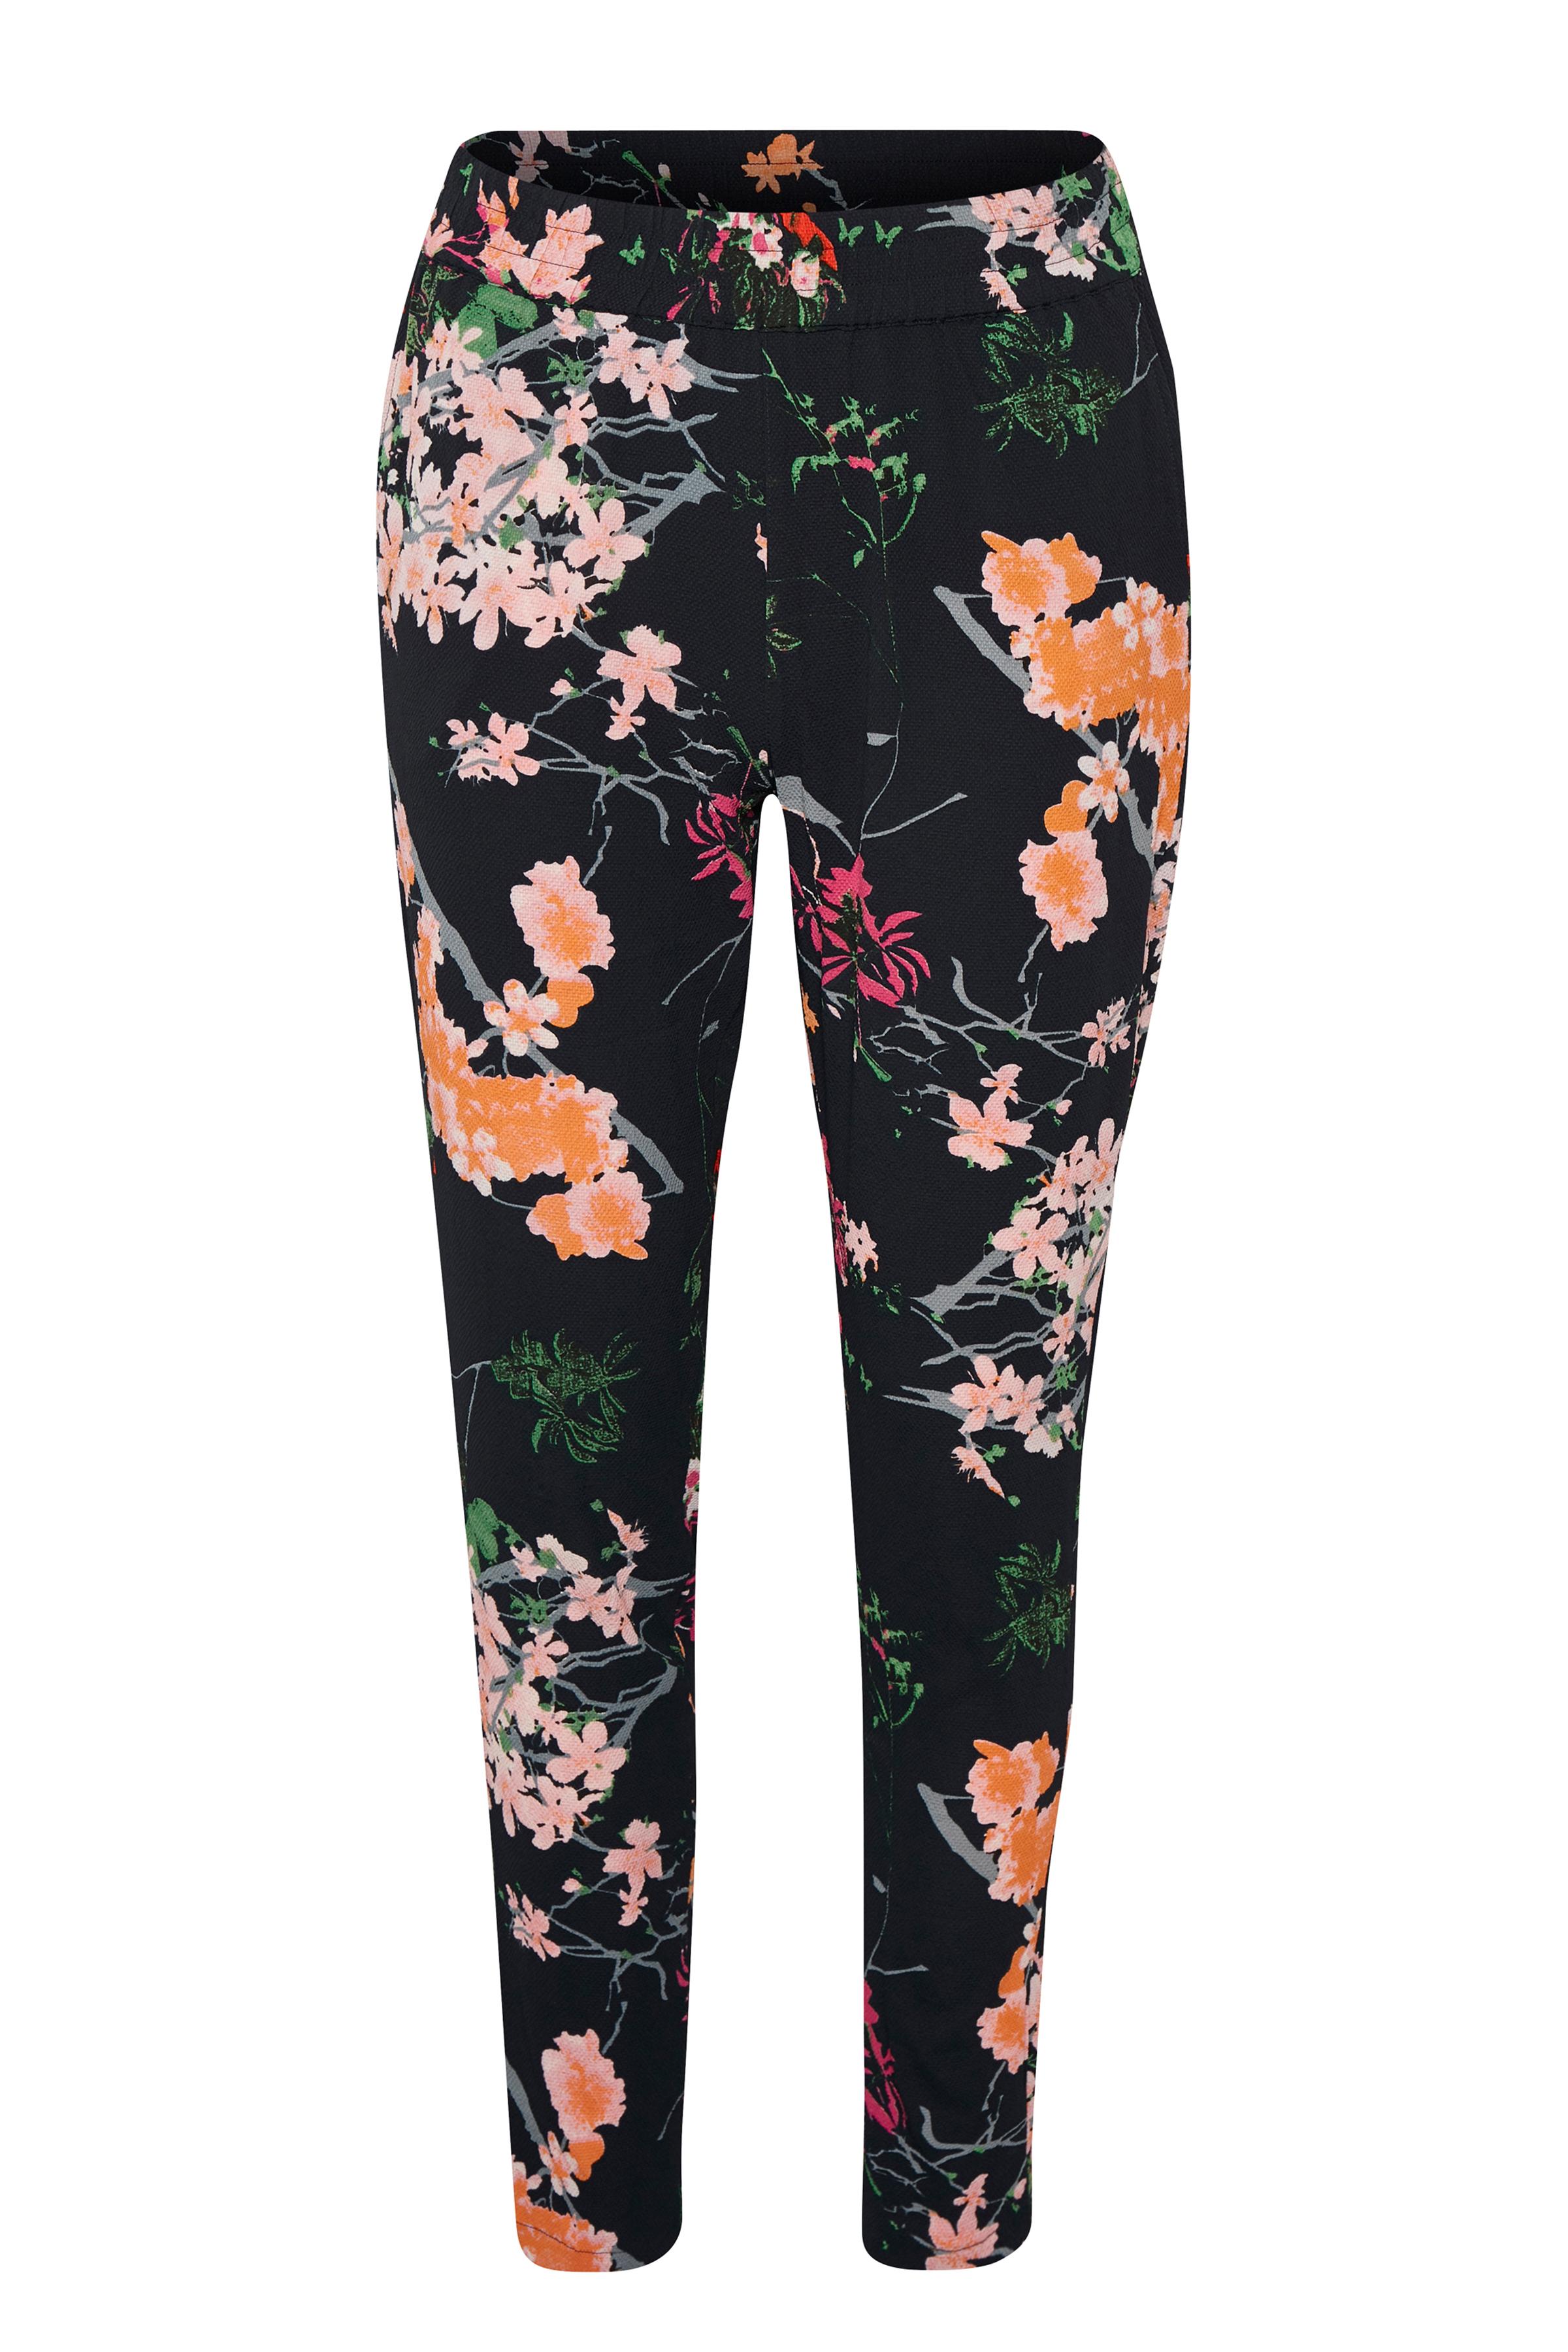 Marineblauw/roze Casual broek van Kaffe – Door Marineblauw/roze Casual broek van maat. 34-46 hier